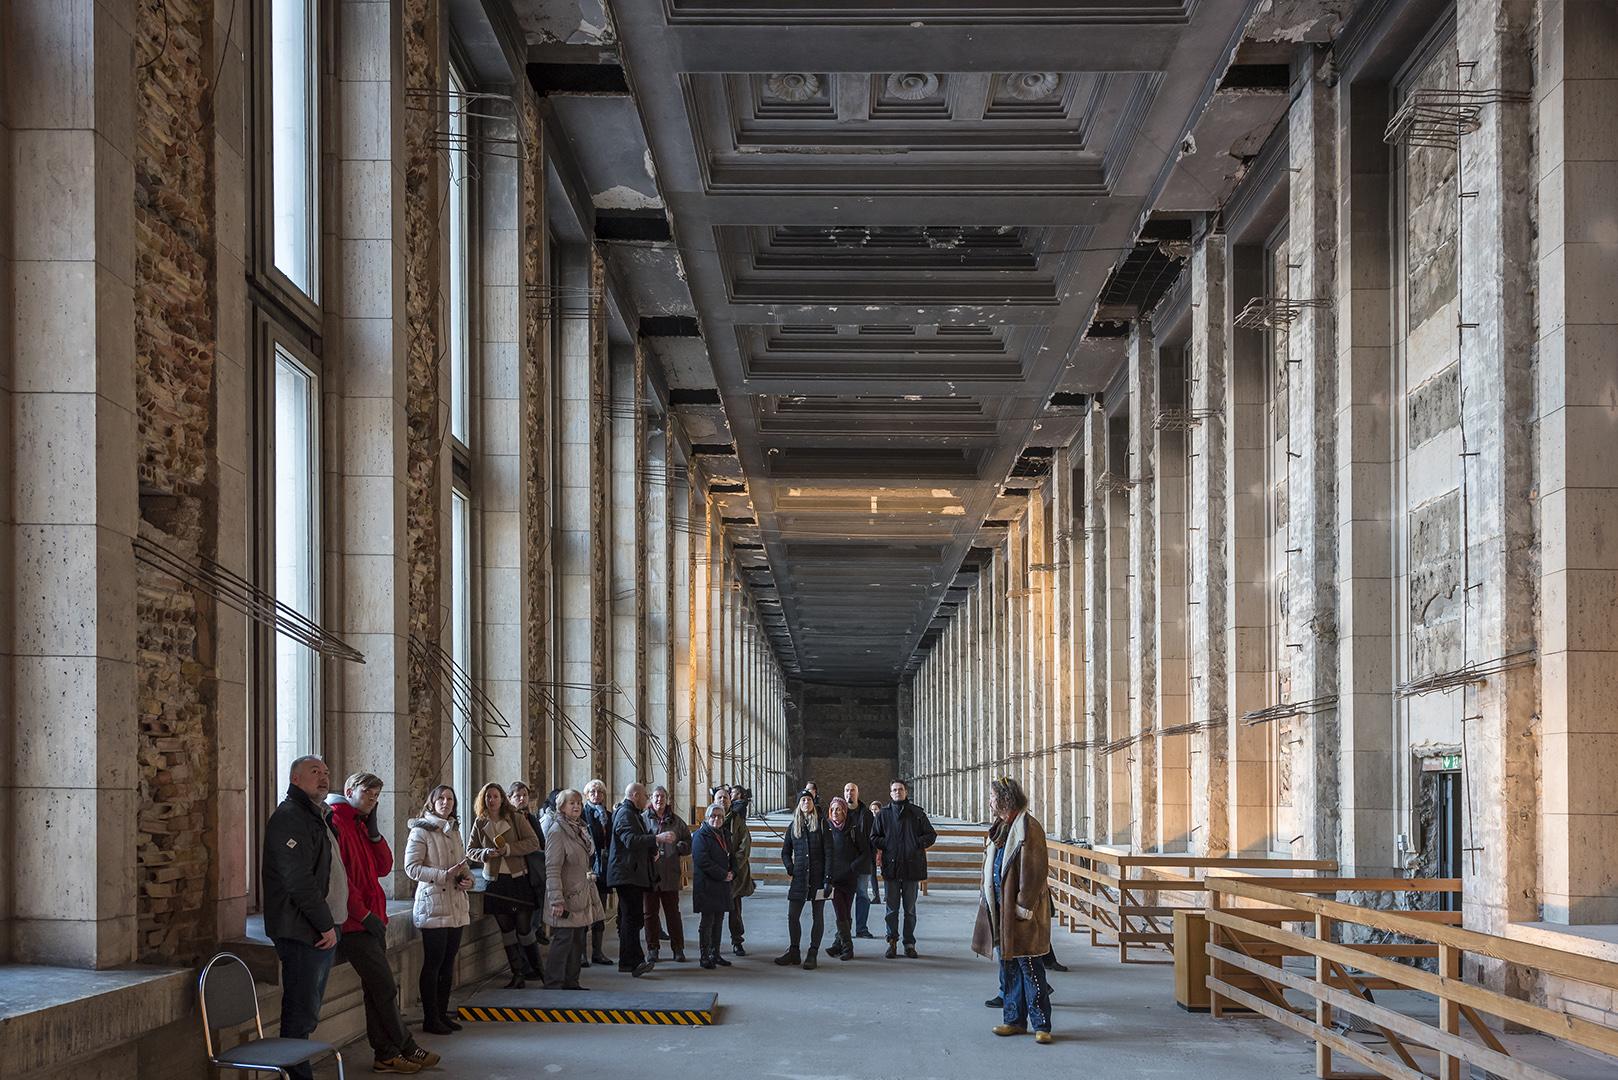 Gruppenführung durch den ehemaligen Flughafen Tempelhof. Raum über dem Eingangsbereich der Eingangshalle. Berlin-Tempelhof, 16.01.2017